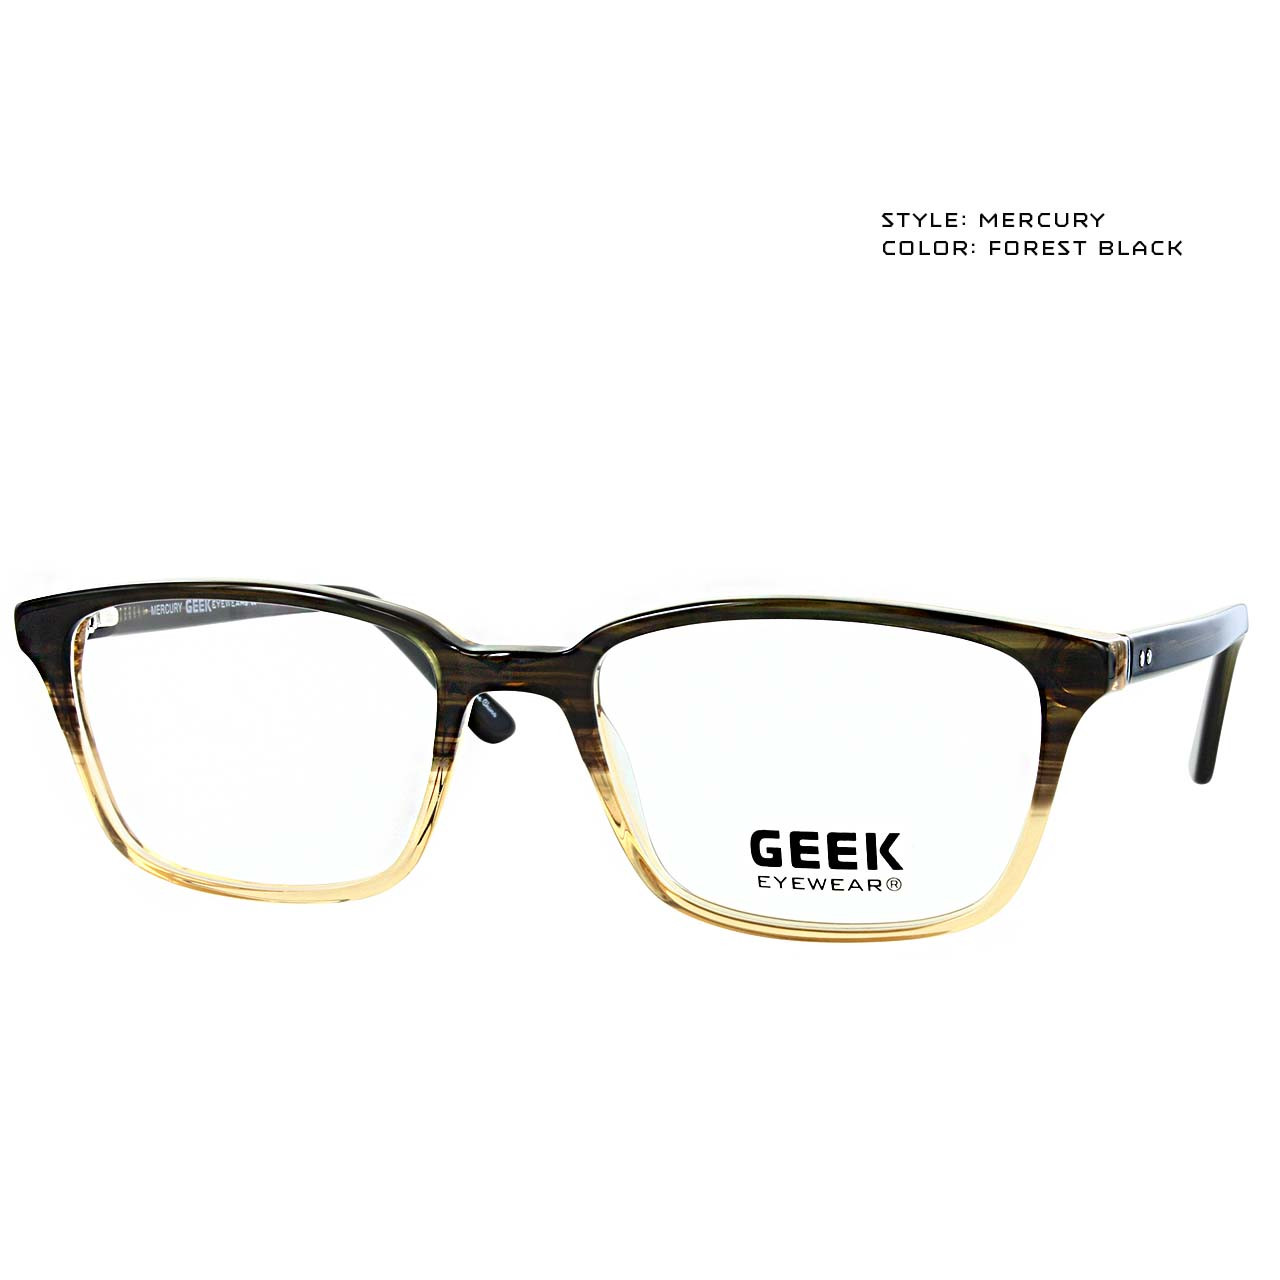 GEEK Eyewear GEEK MERCURY Black-Tortoise